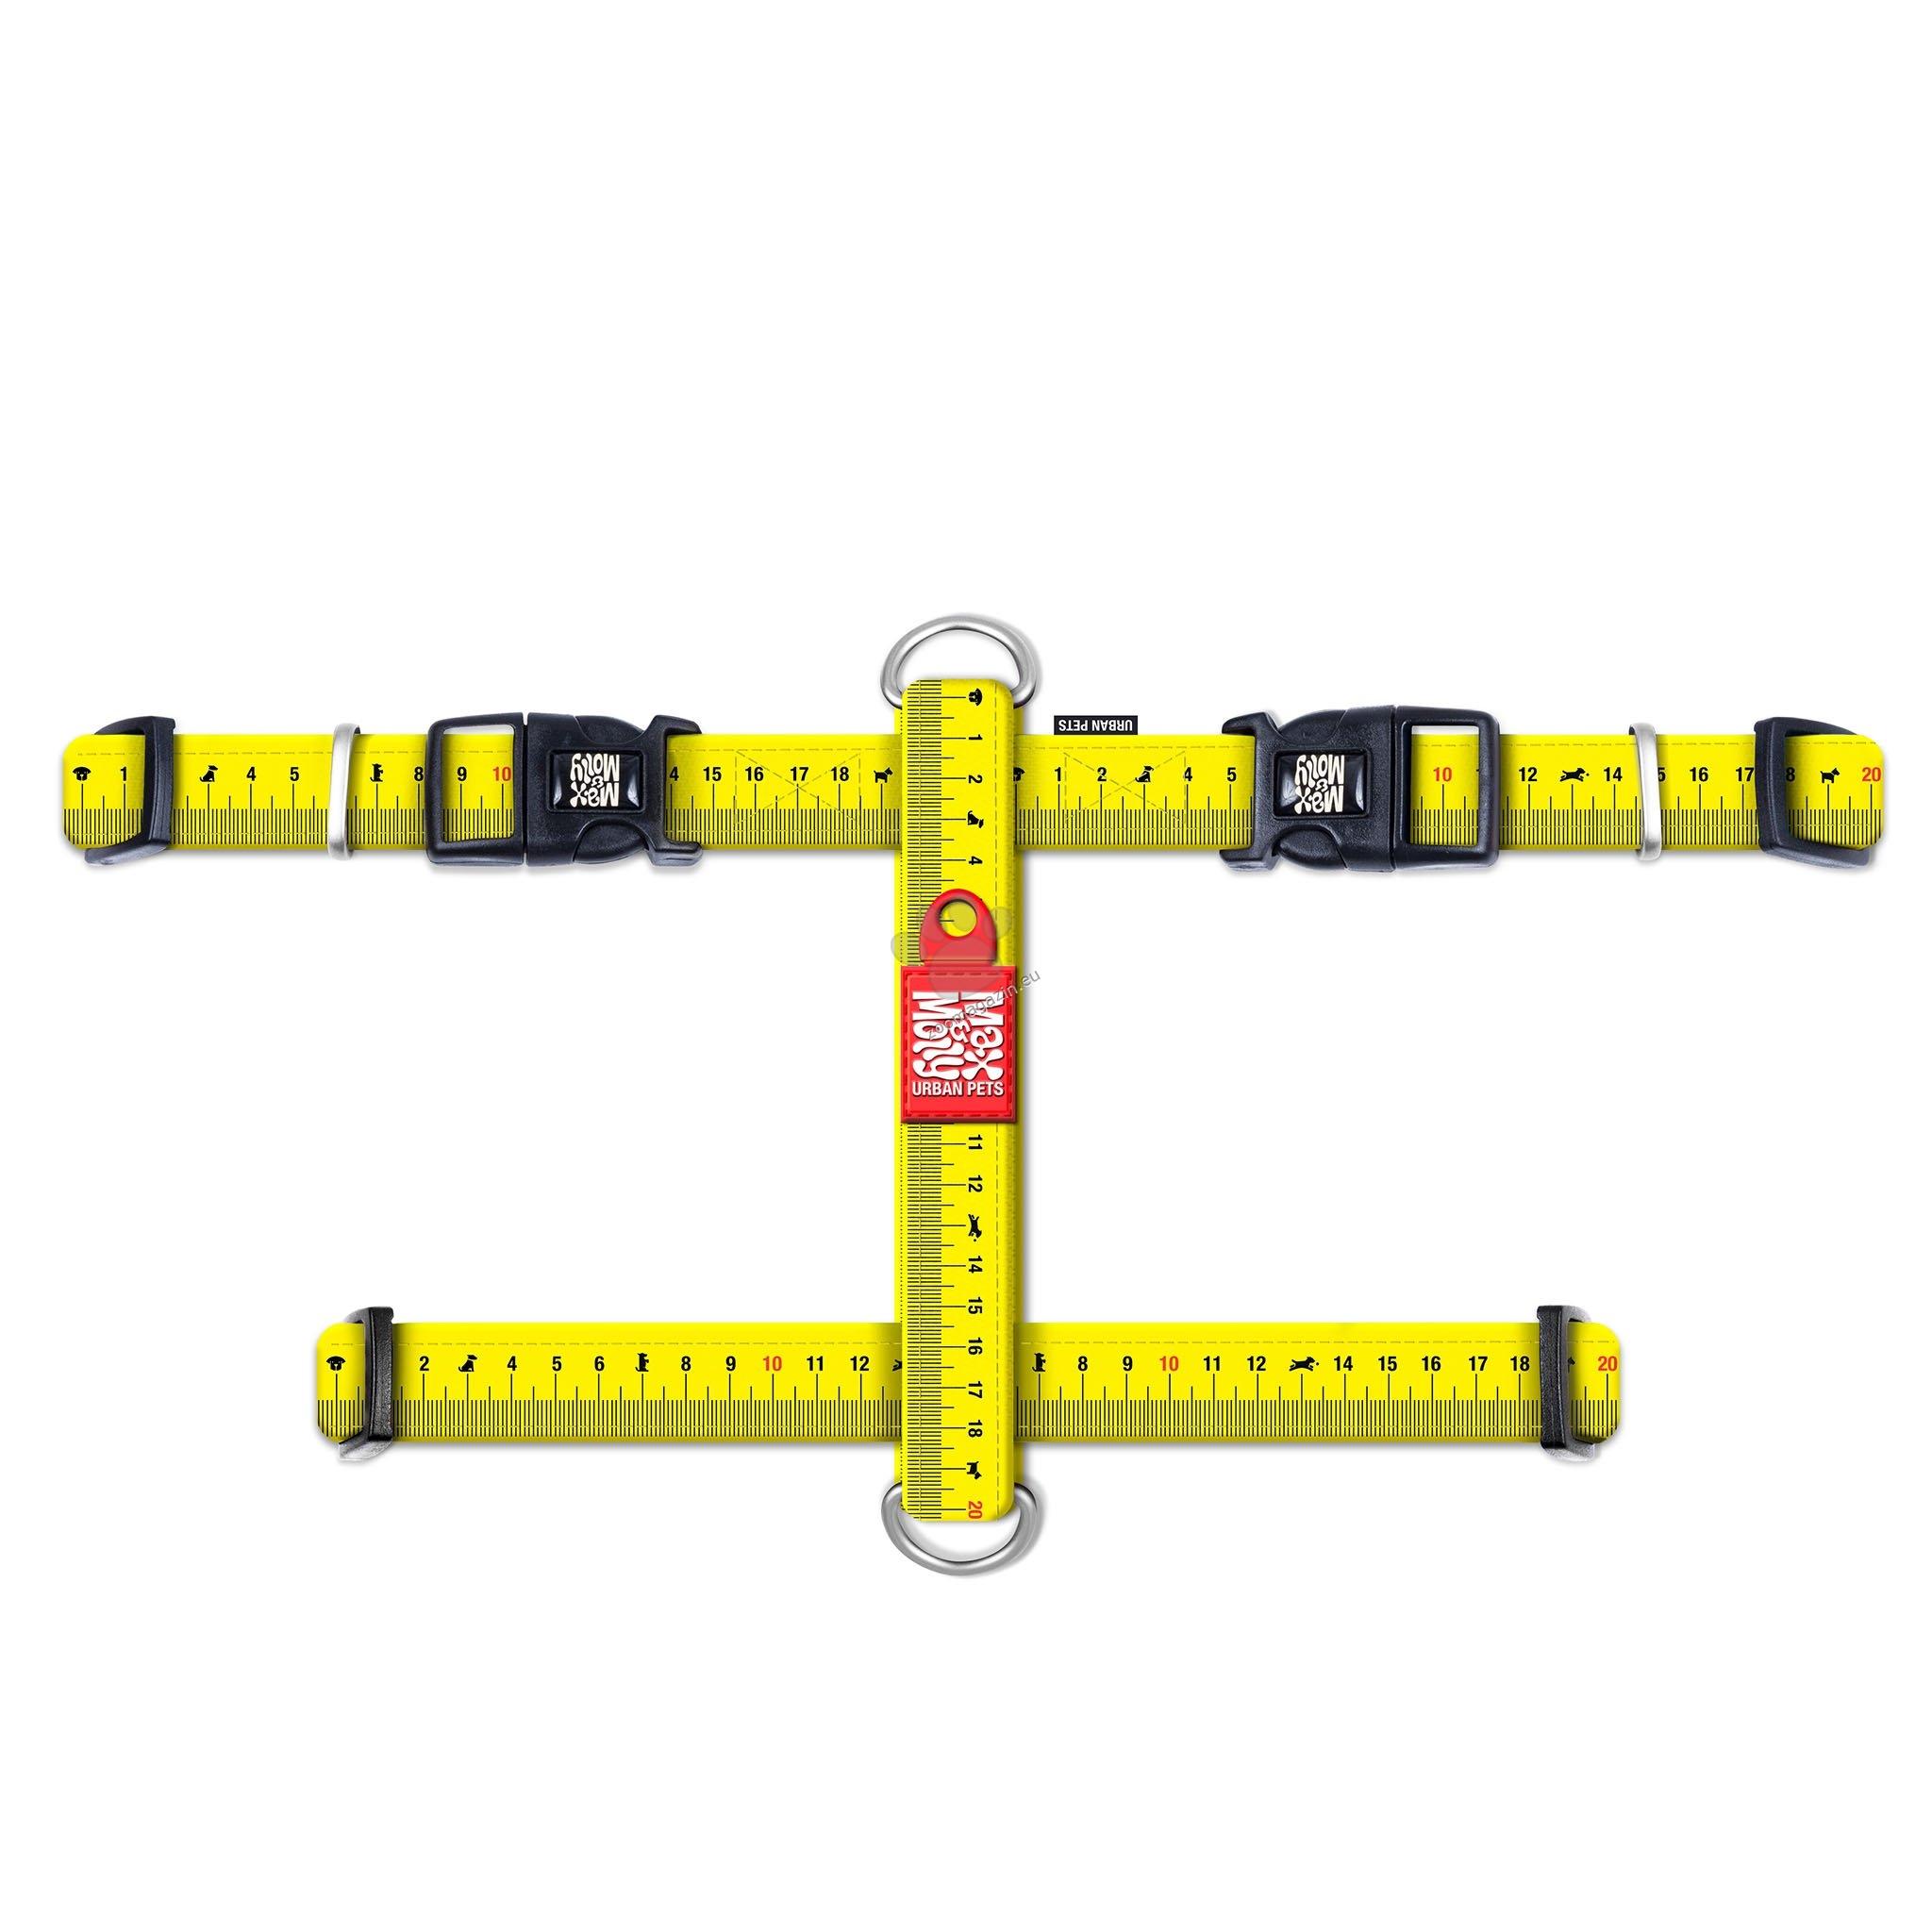 Max Molly H-Harness Ruler S - нагръдник за кучета с обиколка на врат 30 - 46 см., гърди 41 - 52 / 15 мм. и тегло до 22 кг.